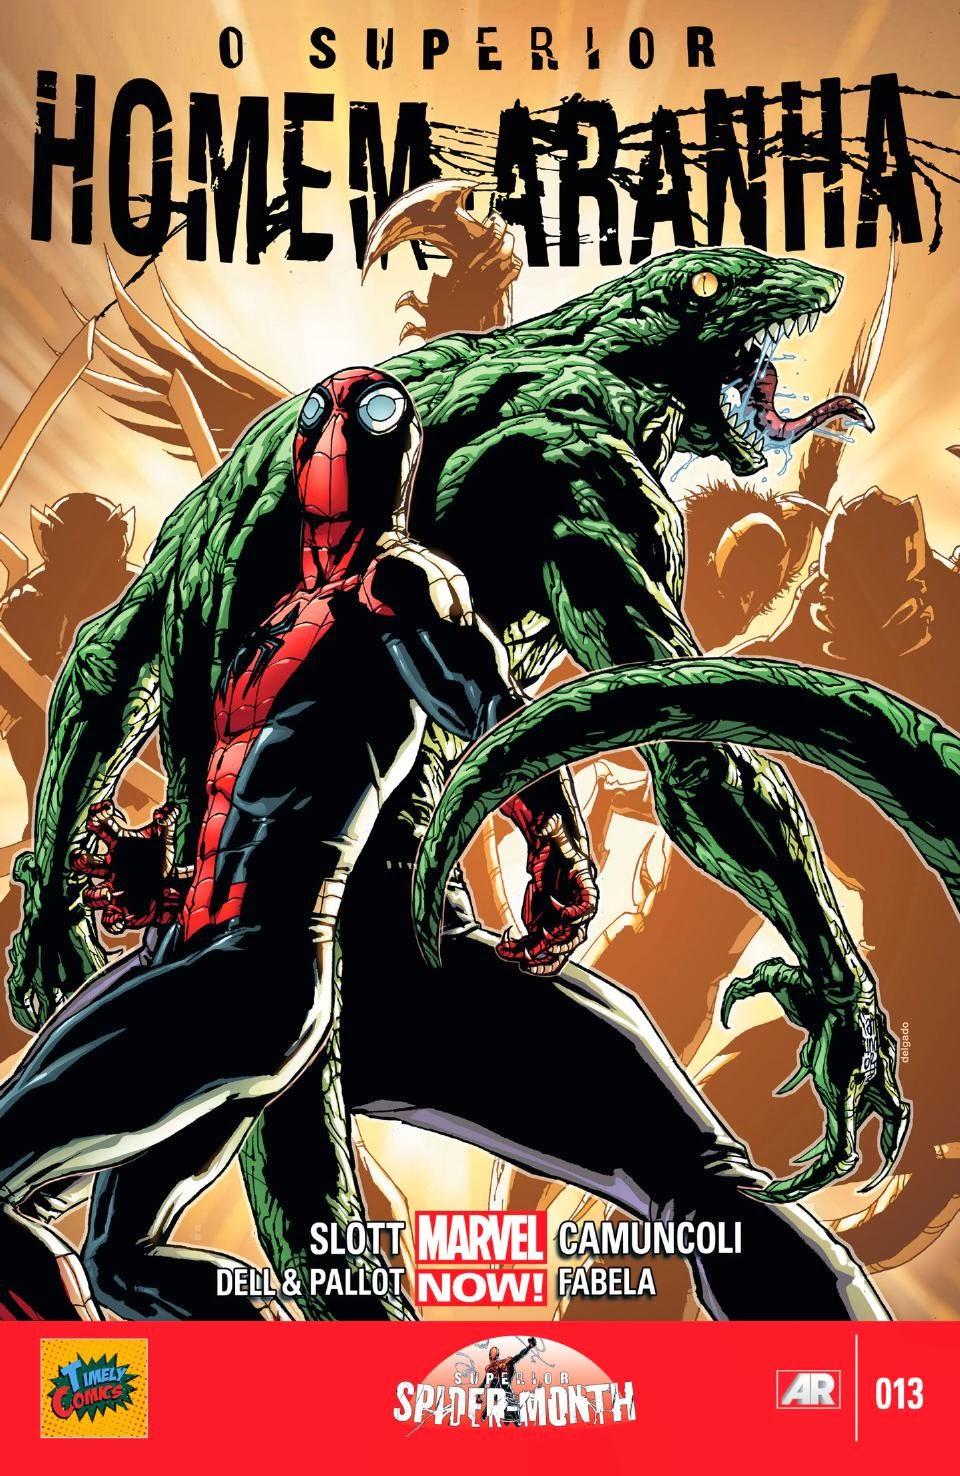 Nova Marvel! O Superior Homem-Aranha #13